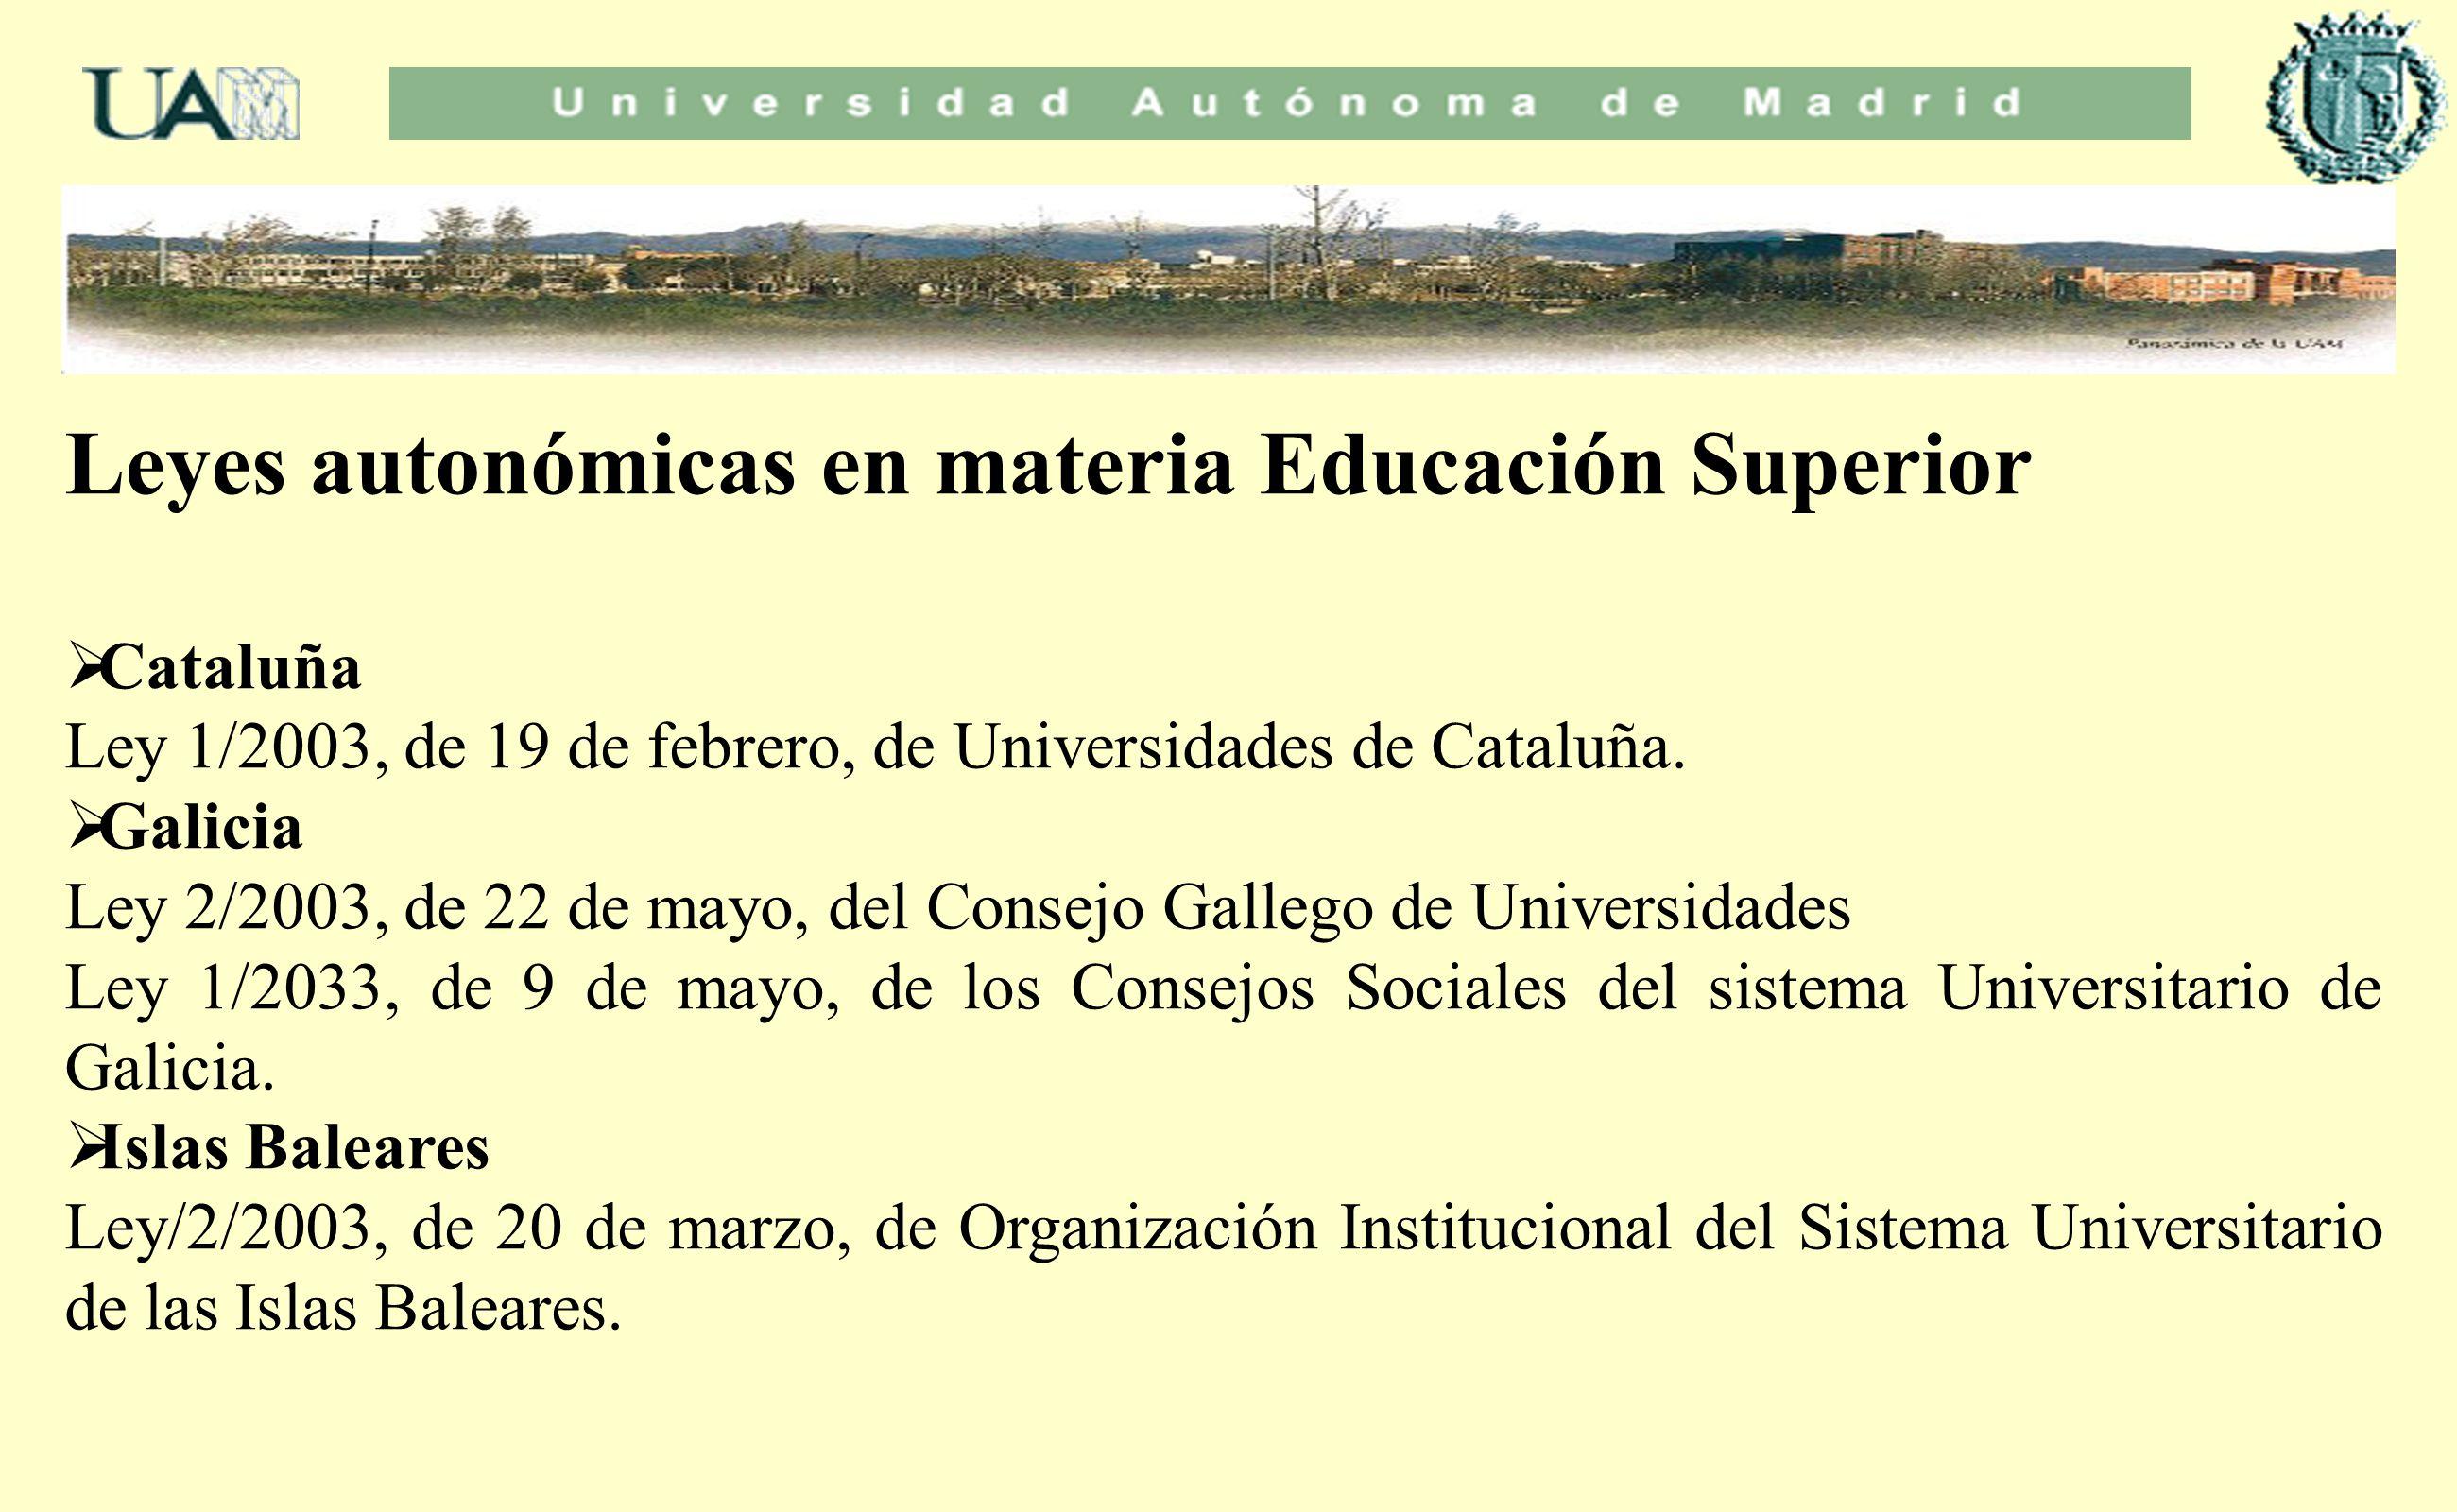 Leyes autonómicas en materia Educación Superior